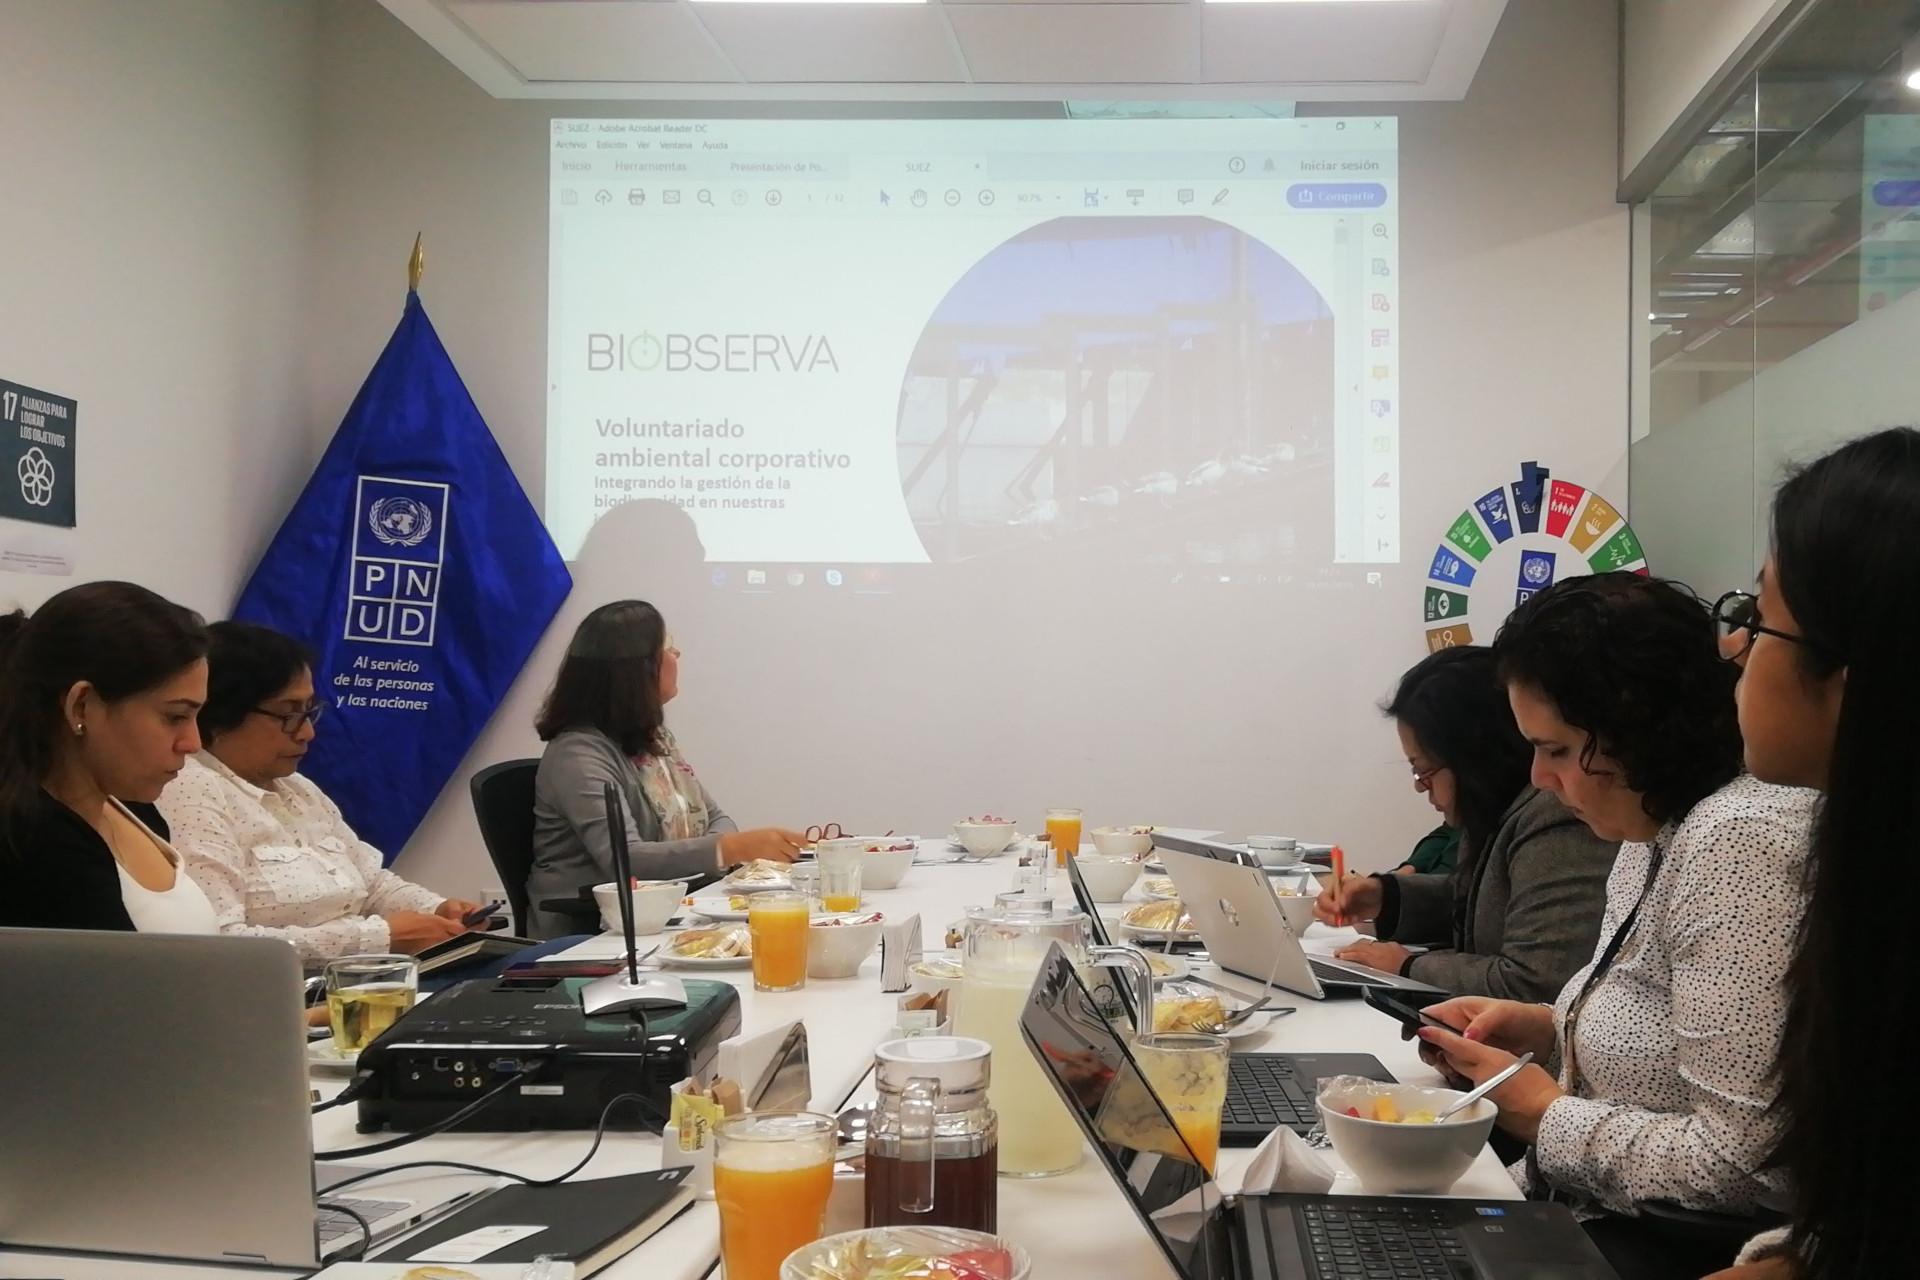 Voluntariado corporativo climatico - Empresas que inspiran- Peru